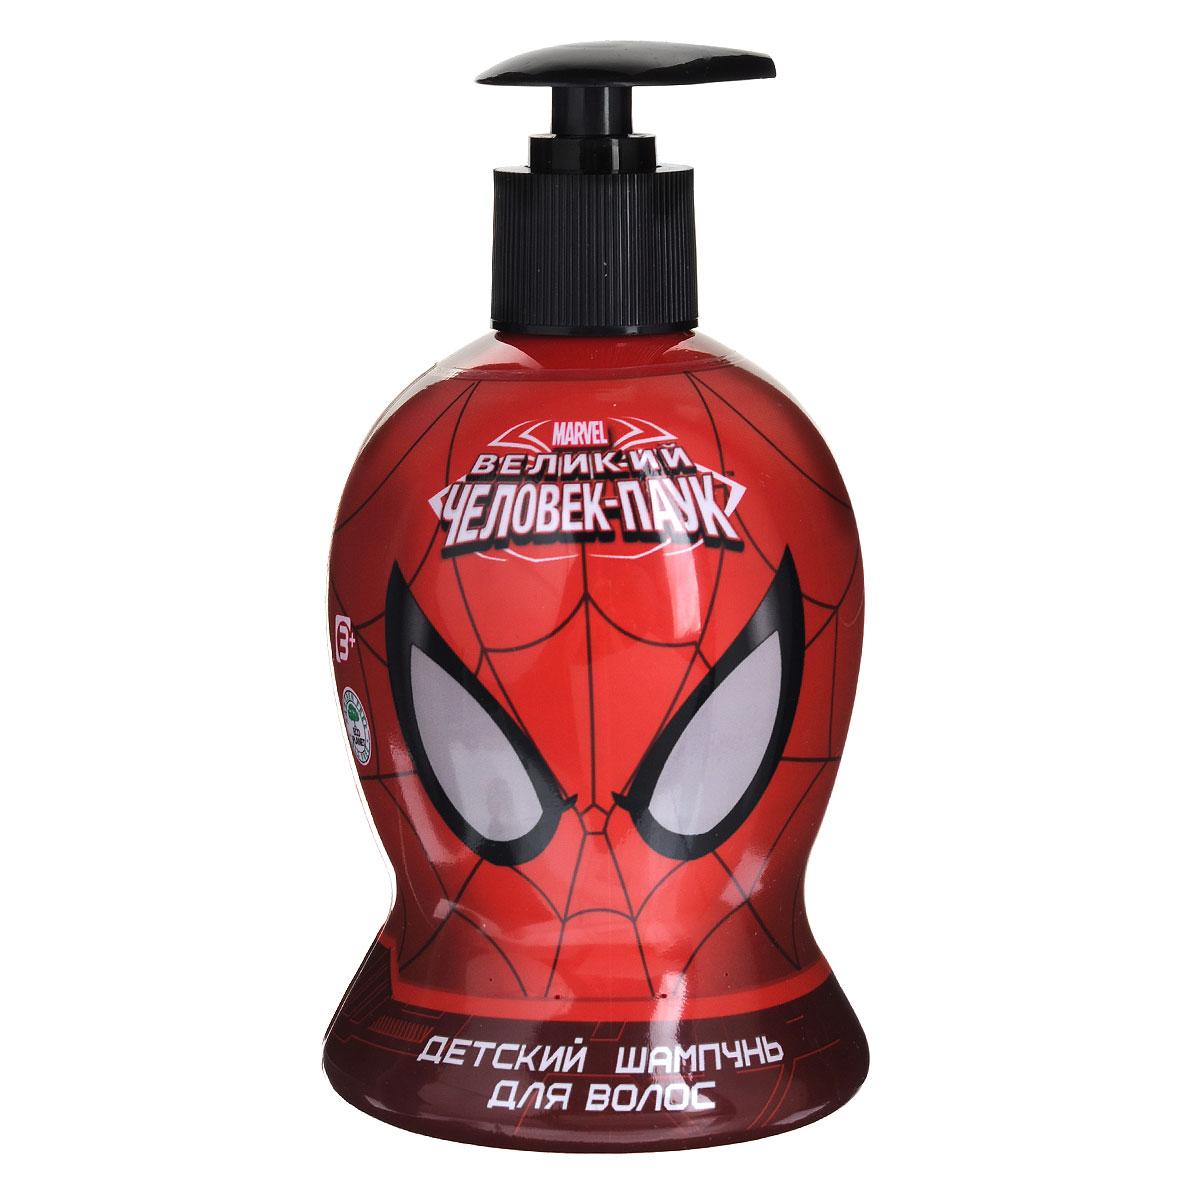 Spider-Man Шампунь Black is Black, детский, 480 мл25708MMШампунь мягко очищает волосы и кожу головы, одновременно питает их полезными растительными экстрактами. Волосы становятся мягкими, шелковистыми, легко расчесываются. Приятный тонизирующий аромат заряжает великолепным настроением надолго. Линия средств для настоящего супер-героя! Товар сертифицирован.